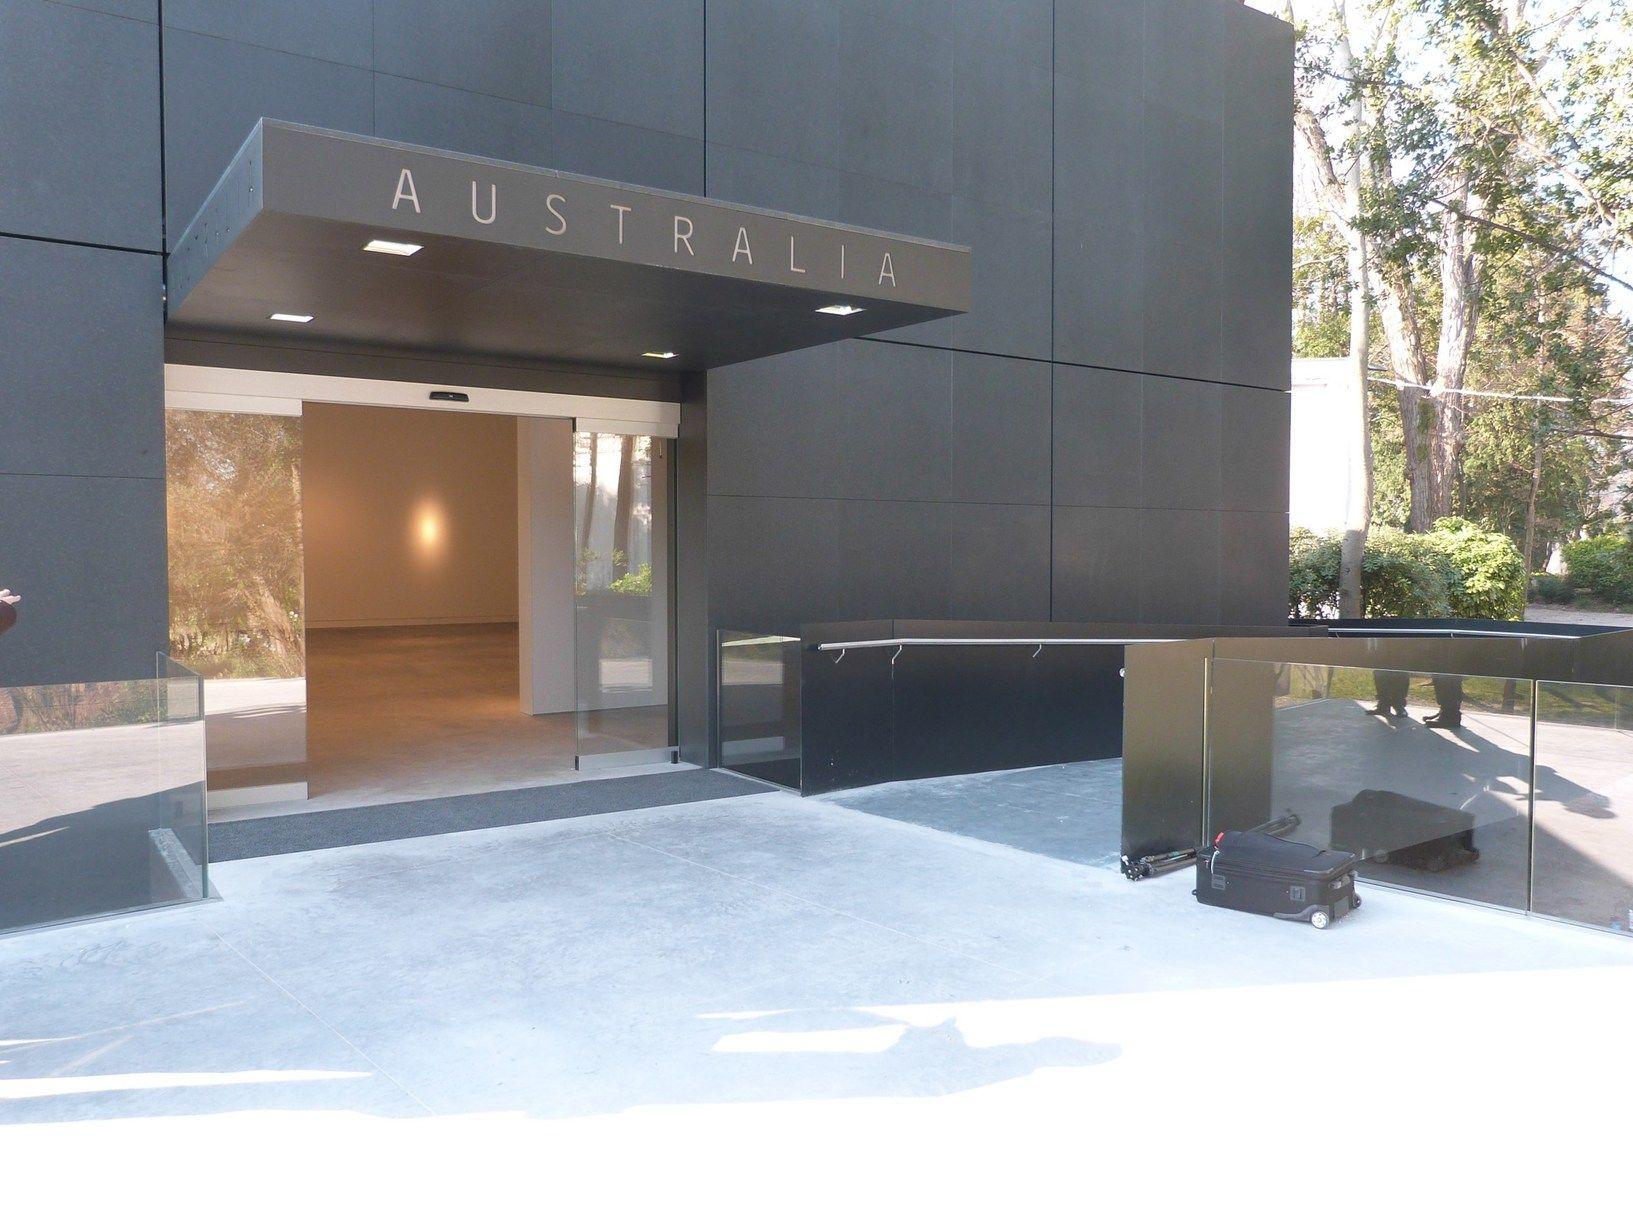 Il sistema costruttivo NPS® di Tecnostrutture scelto per la realizzazione del padiglione australiano della Biennale di Venezia